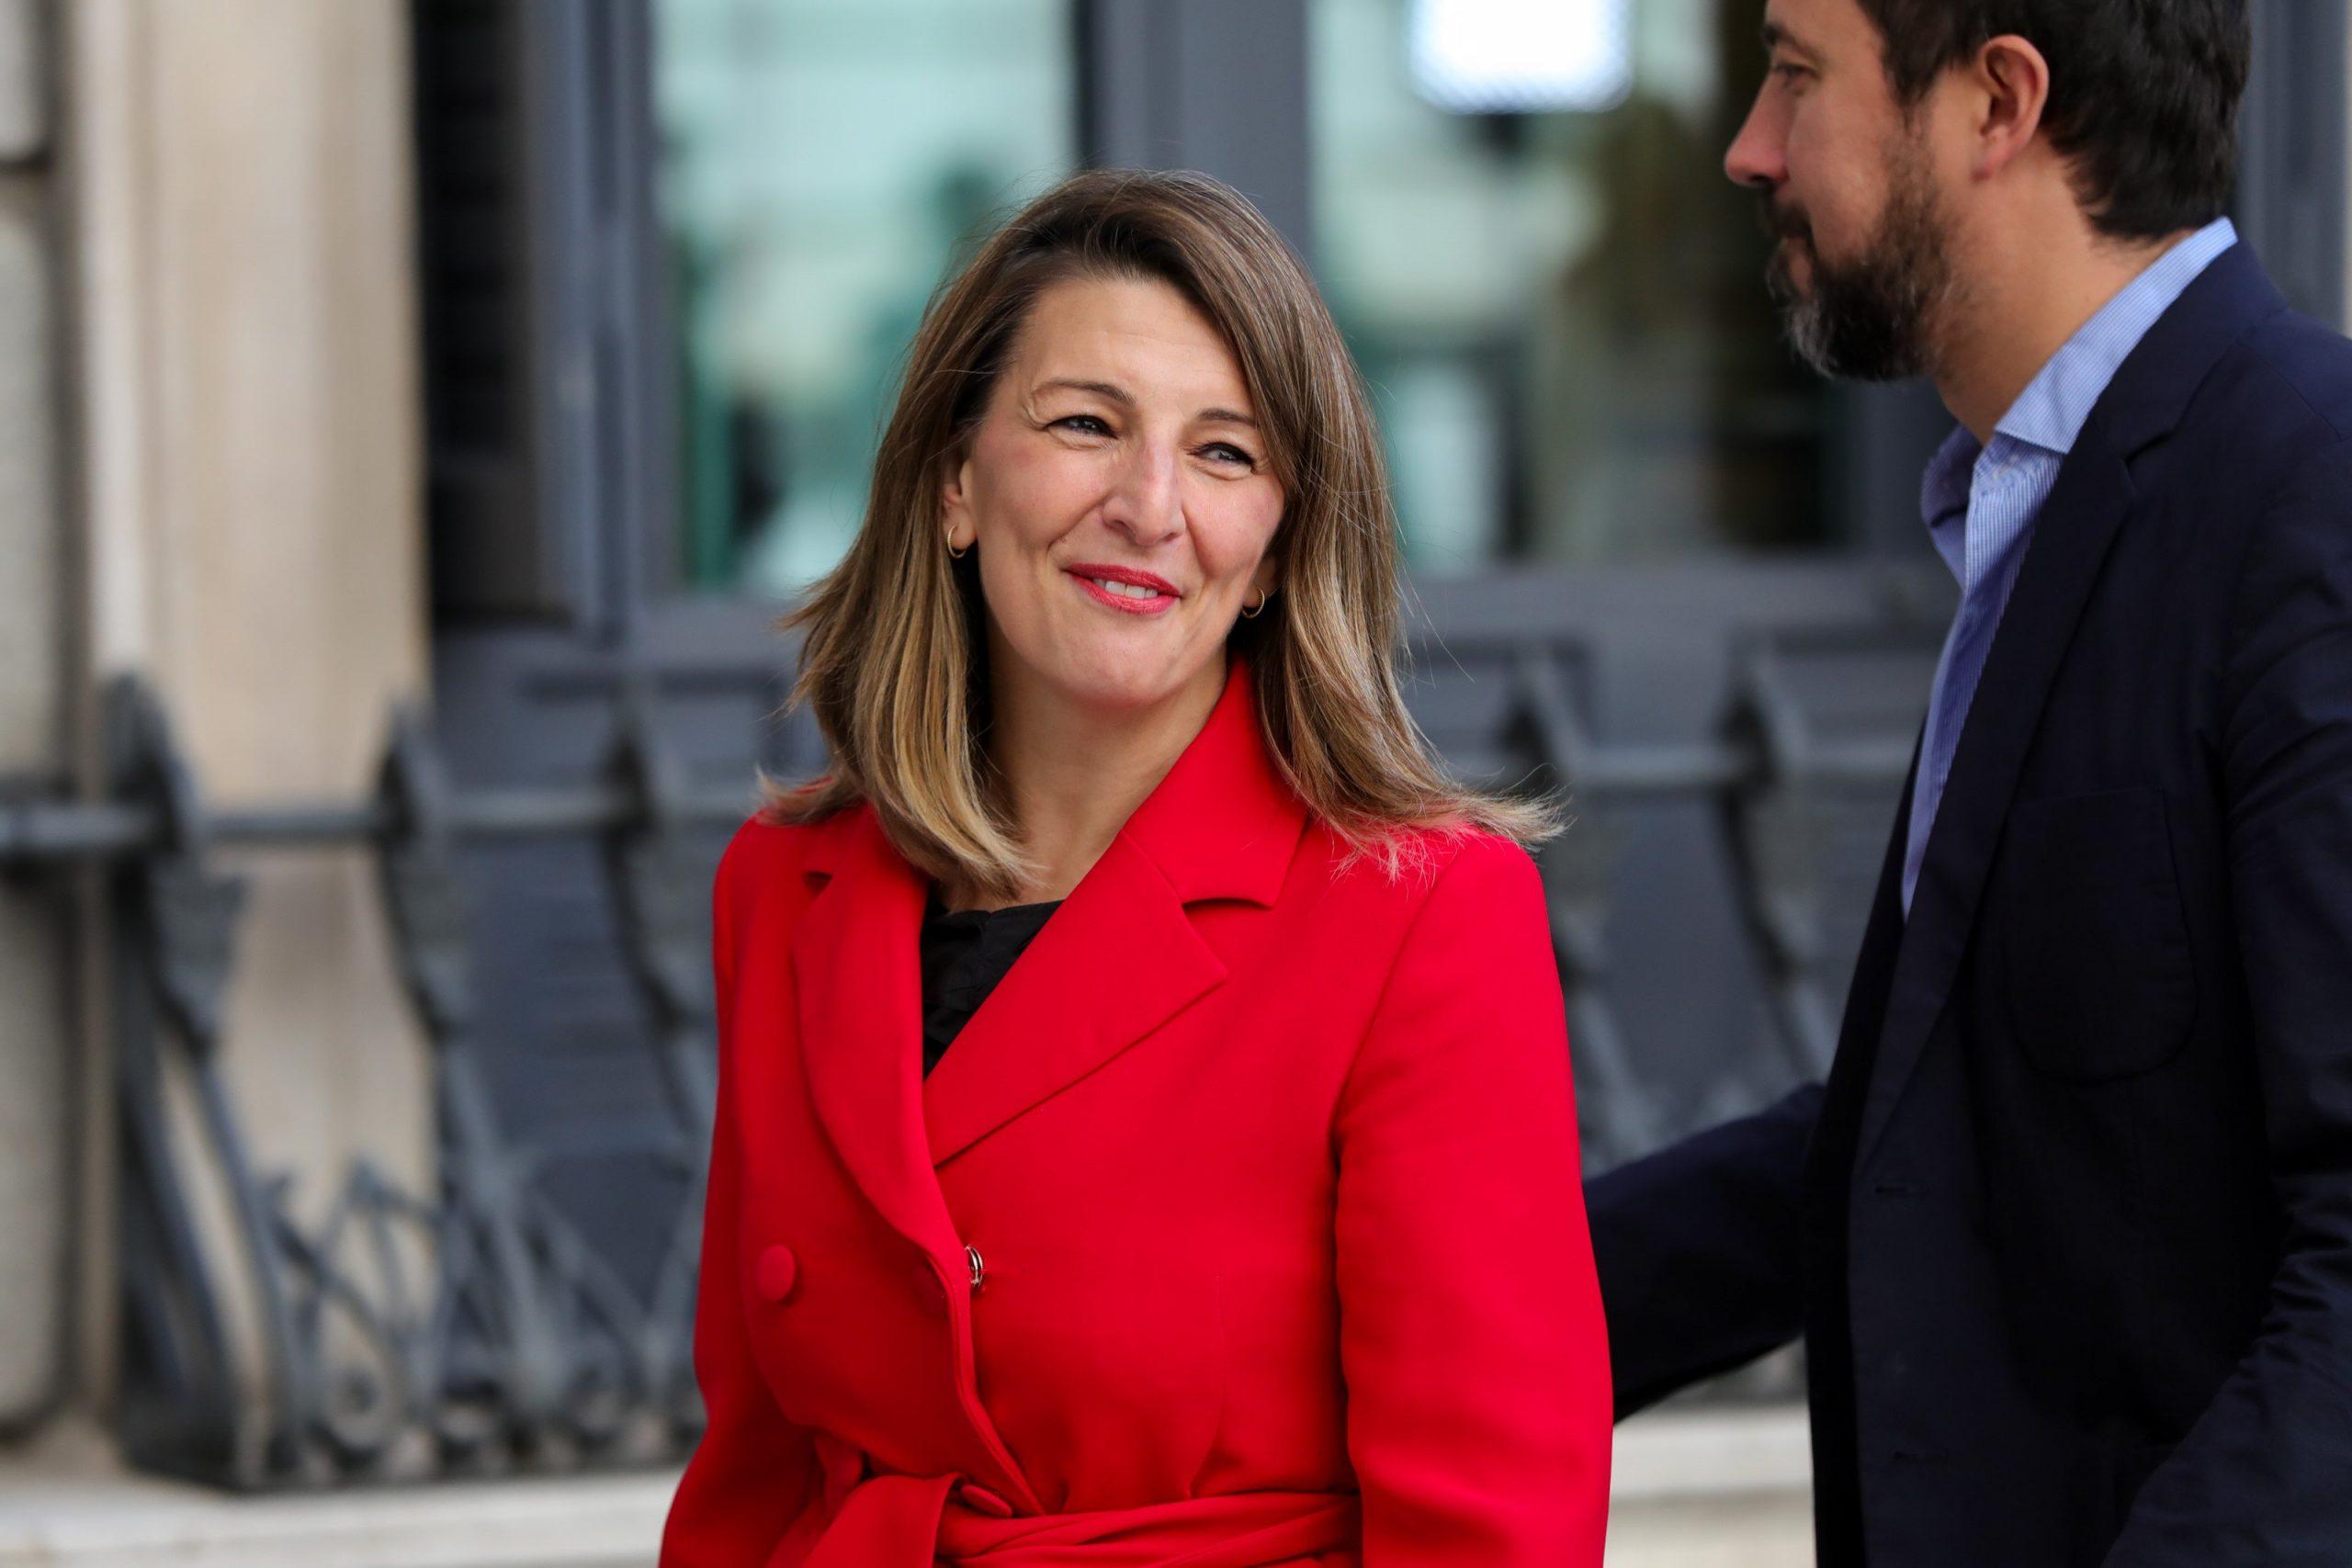 La ministra de trabajo propone extender los ERTE a septiembre con menos exenciones.